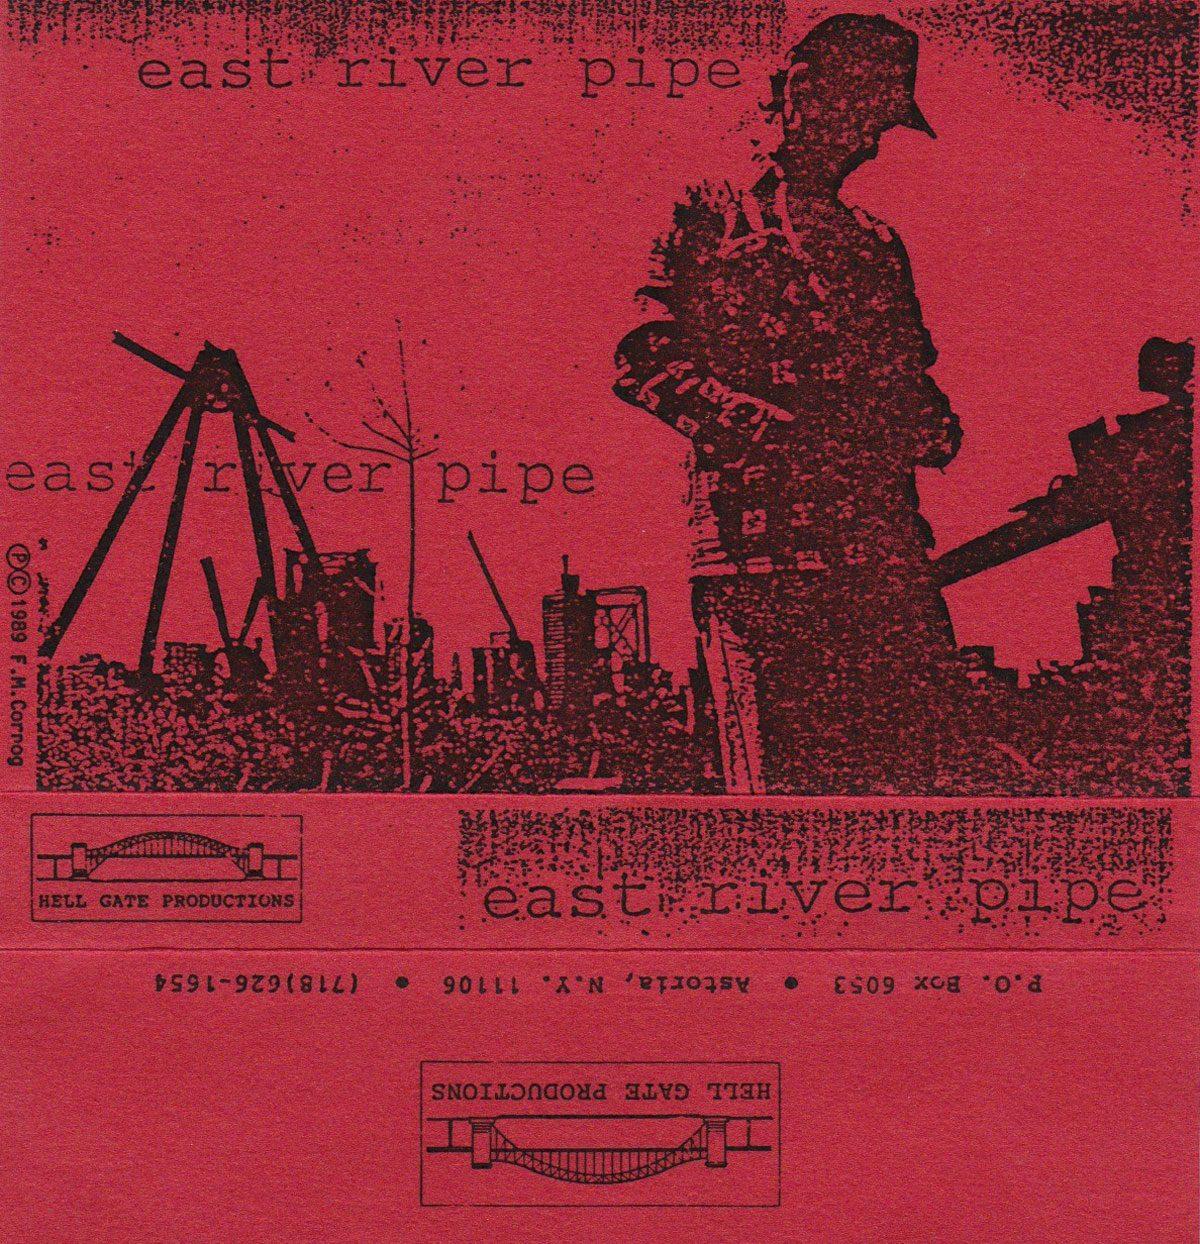 East River Pipe: 3 songs, 1989